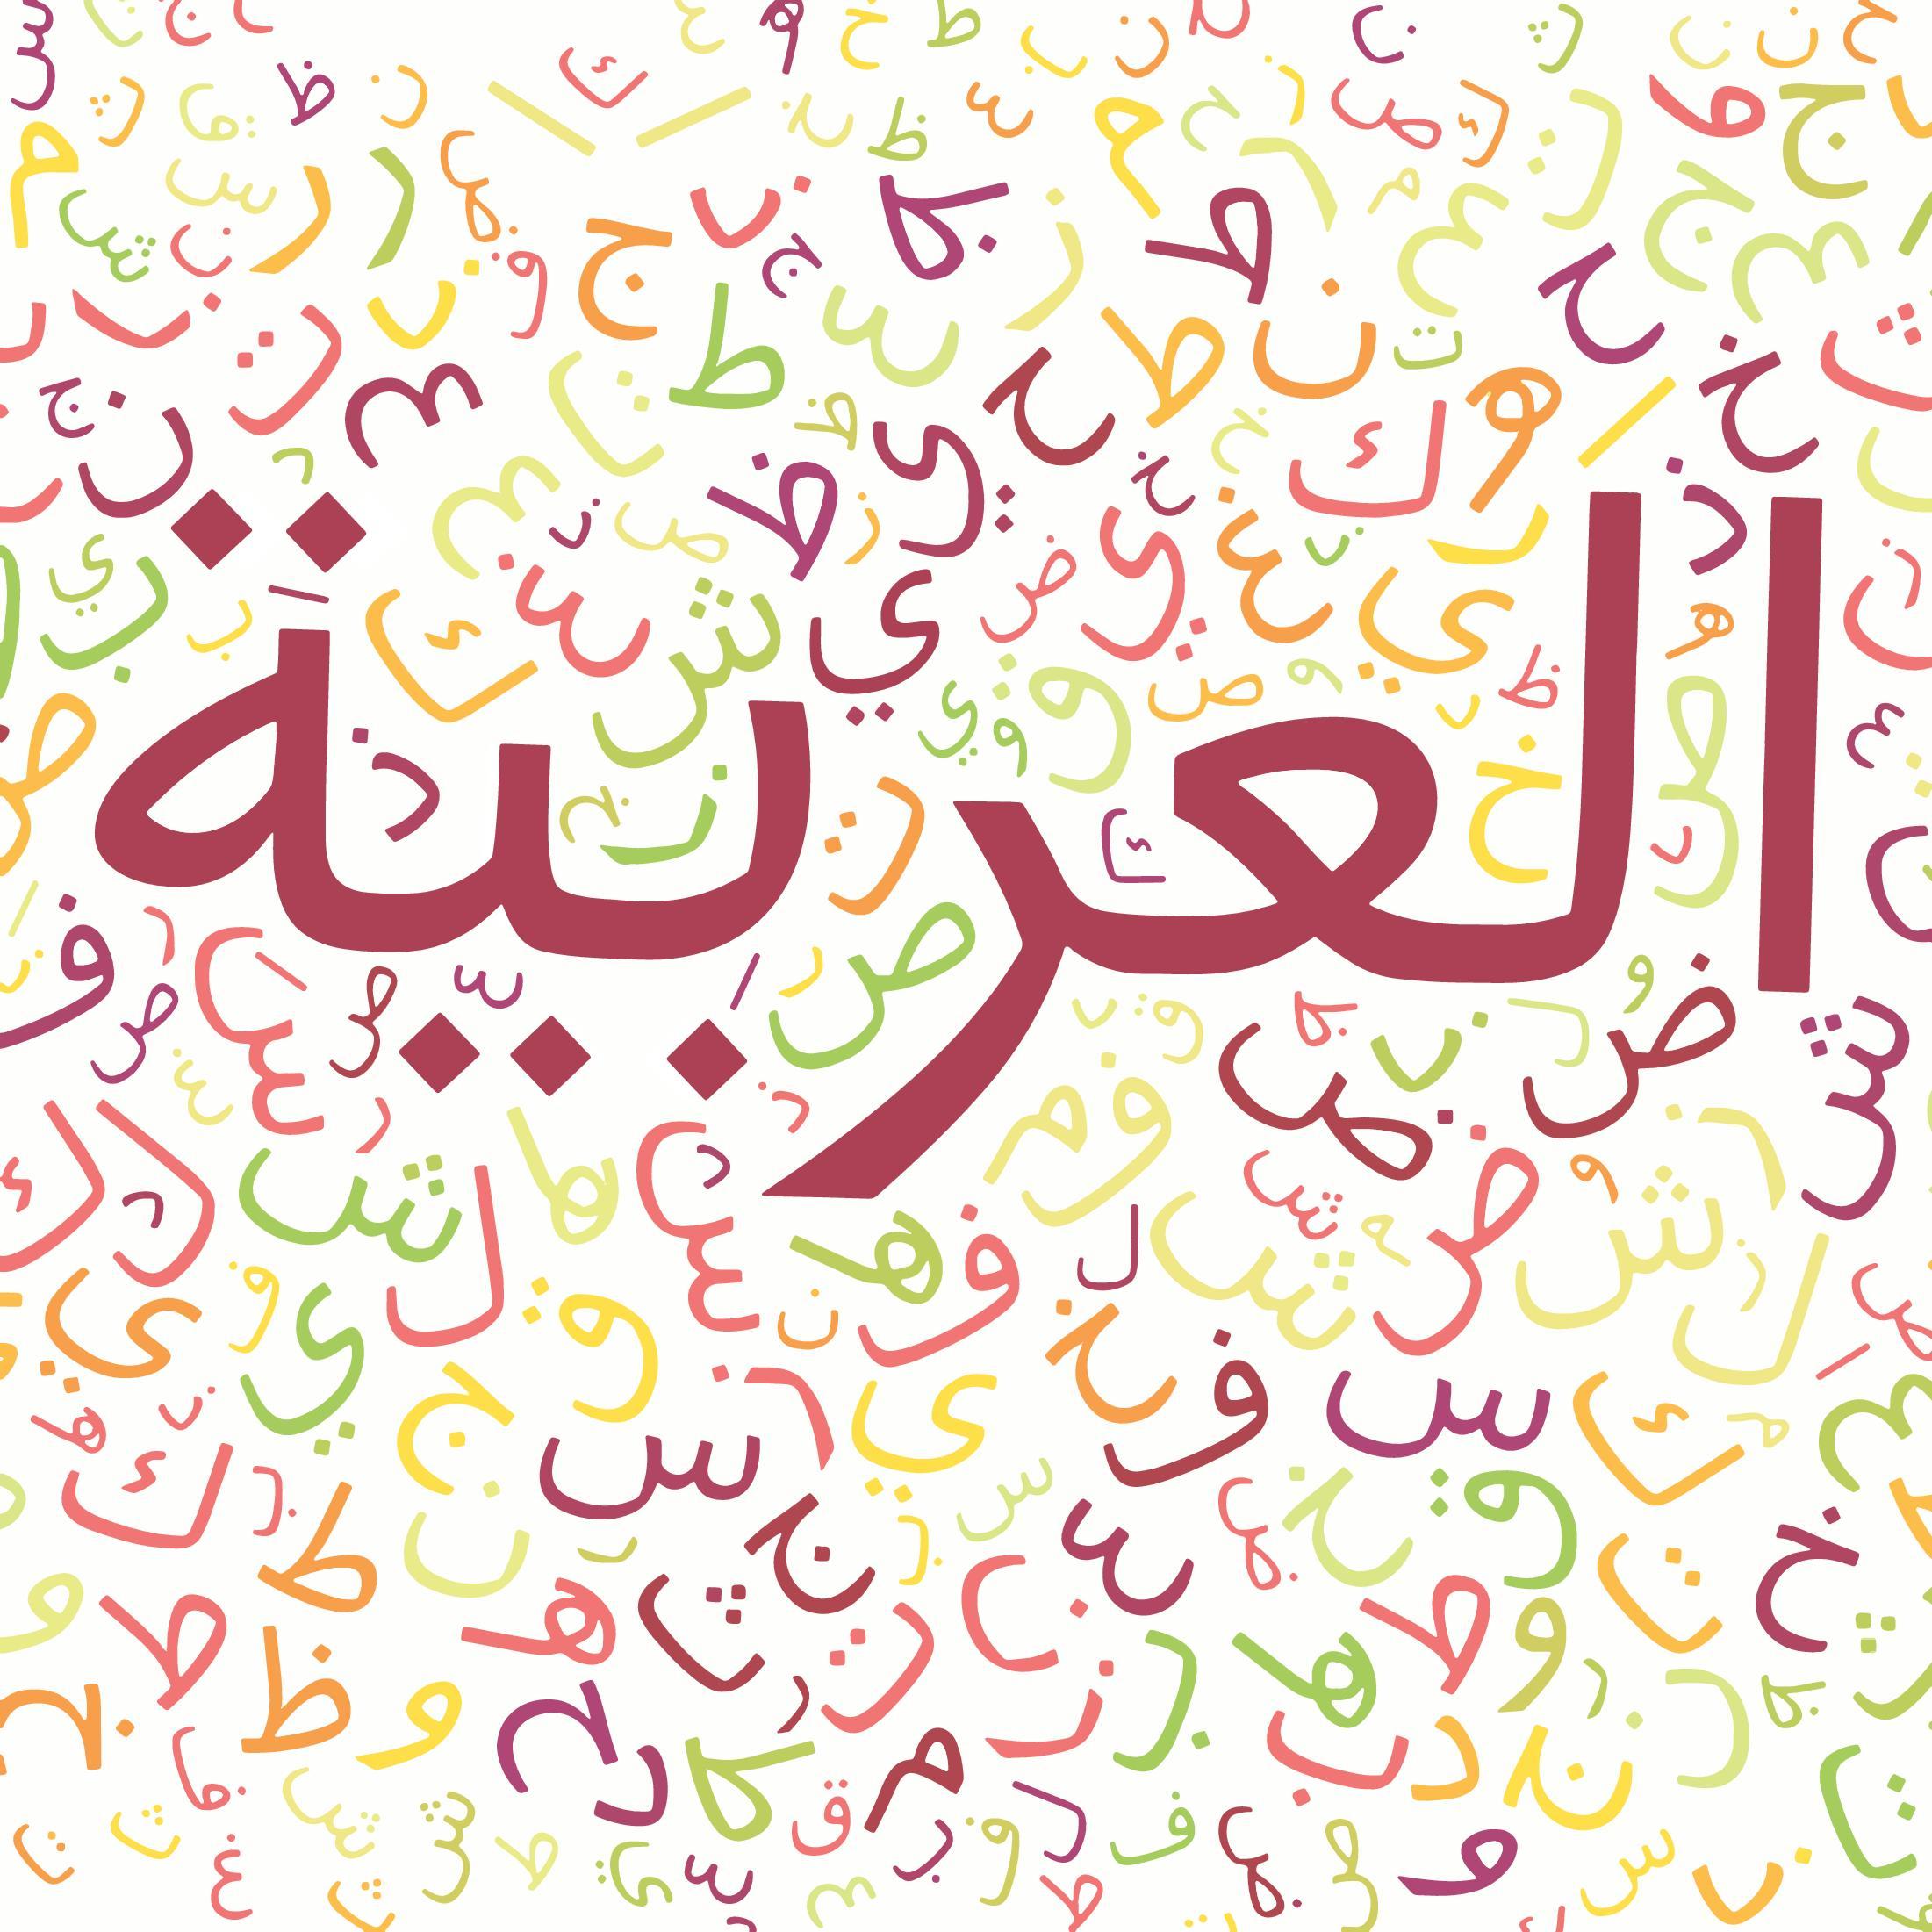 صورة معلومات عن اللغه العربيه , حقائق و معلومات حول اللغه العربيه